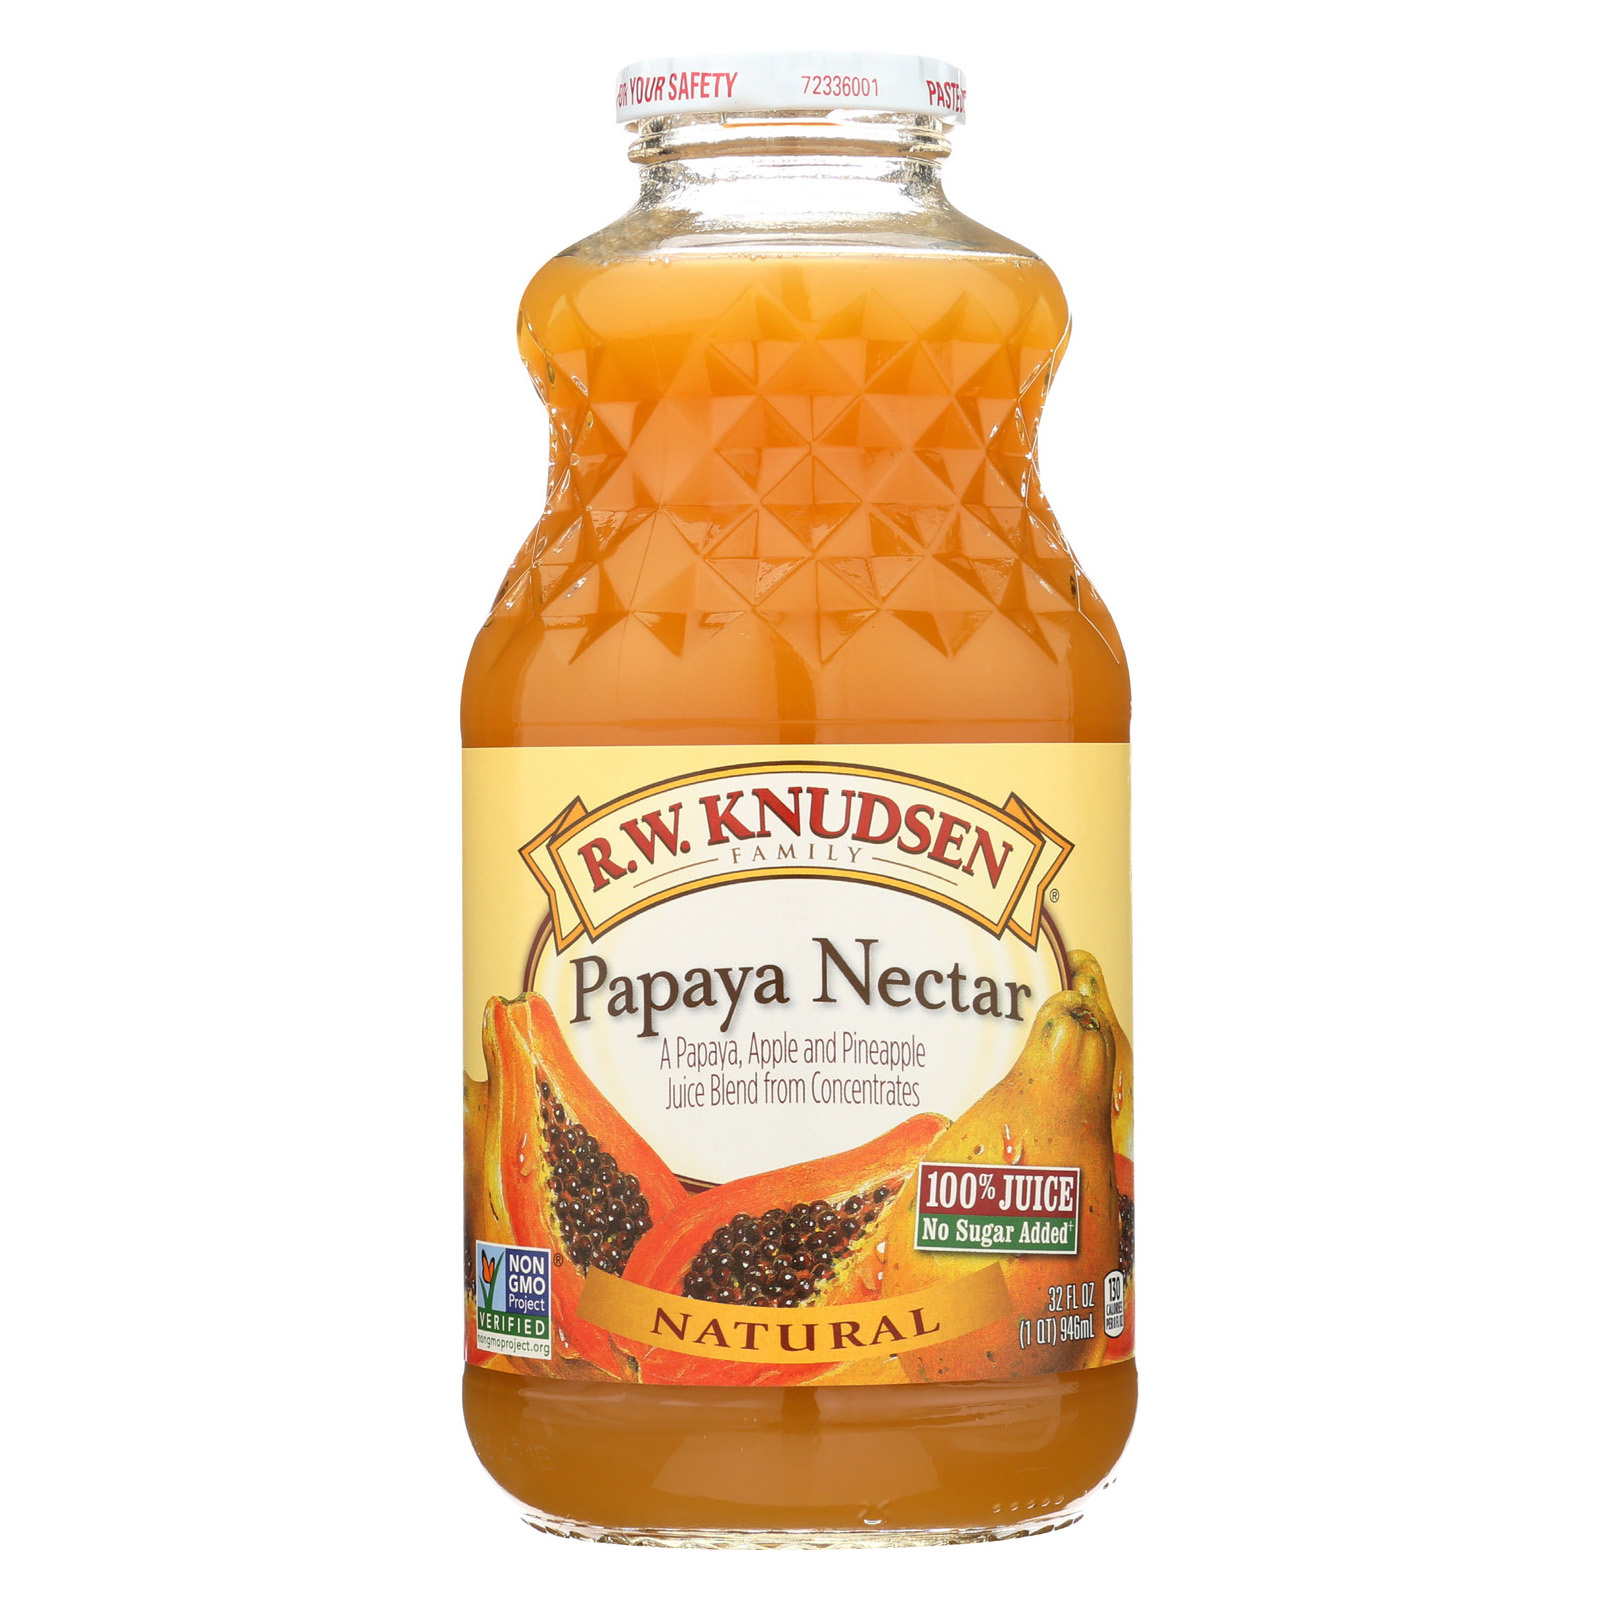 R.W. Knudsen Juice - Papaya Nectar - 32 fl oz